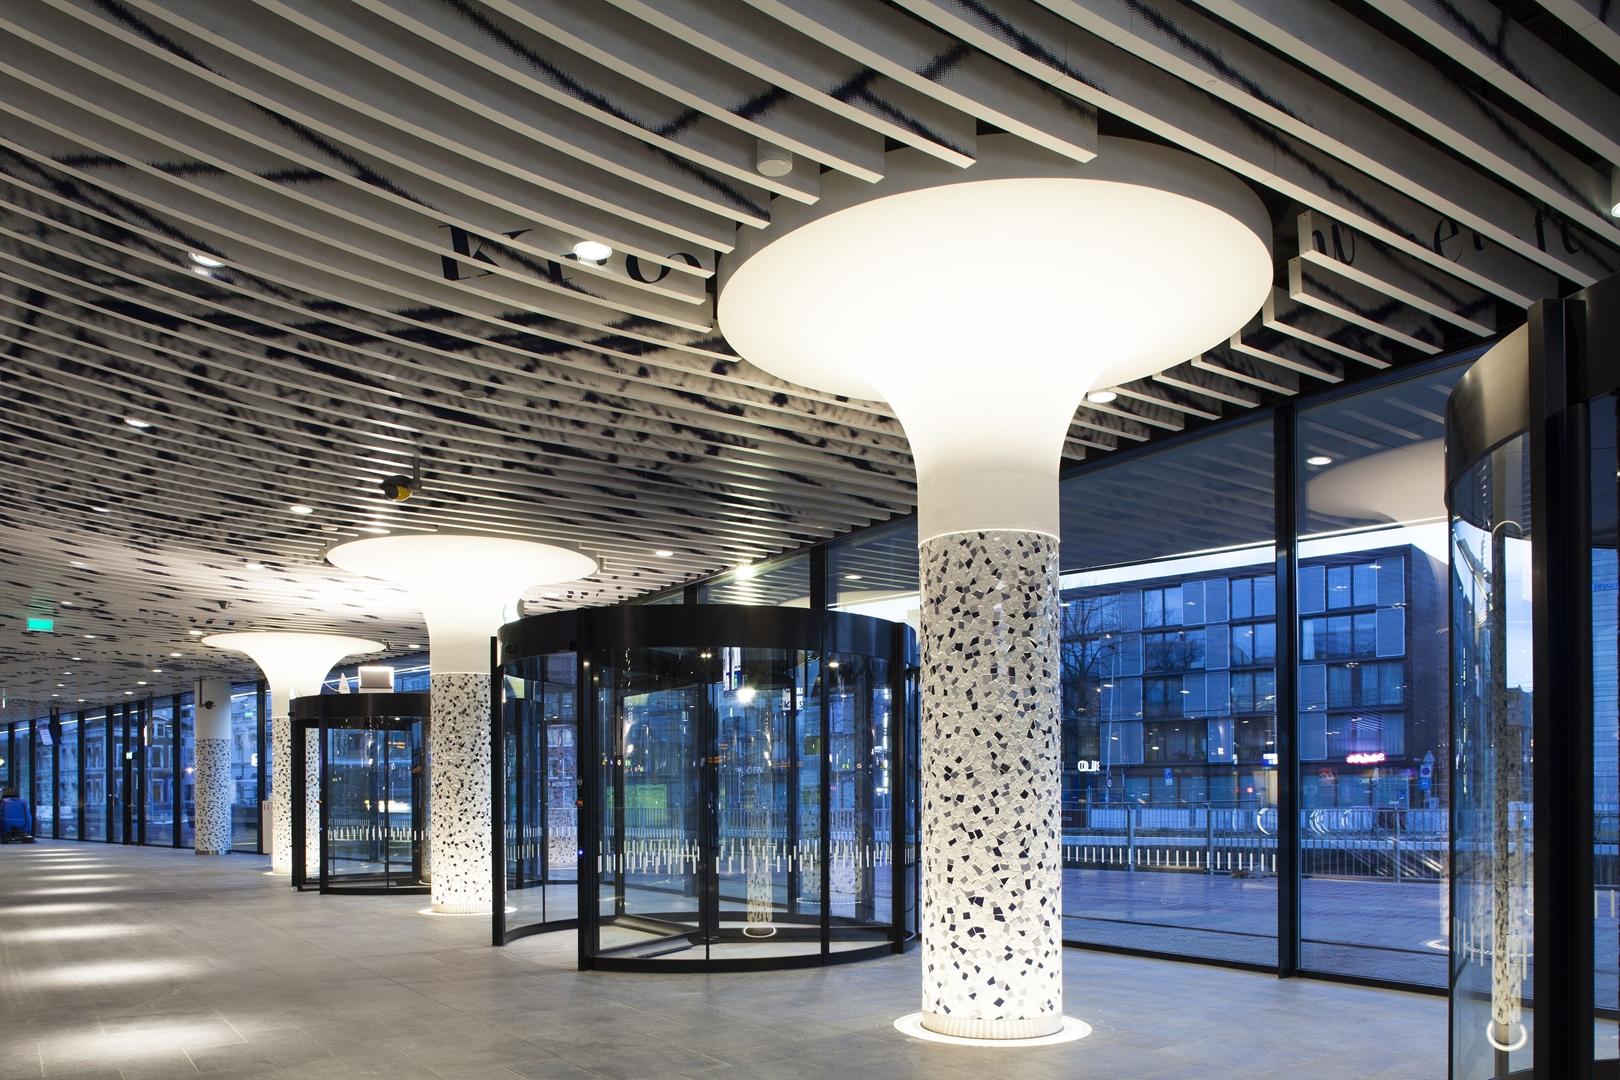 Foto Mecanoo_Stationshal Delft_08 (Copy)